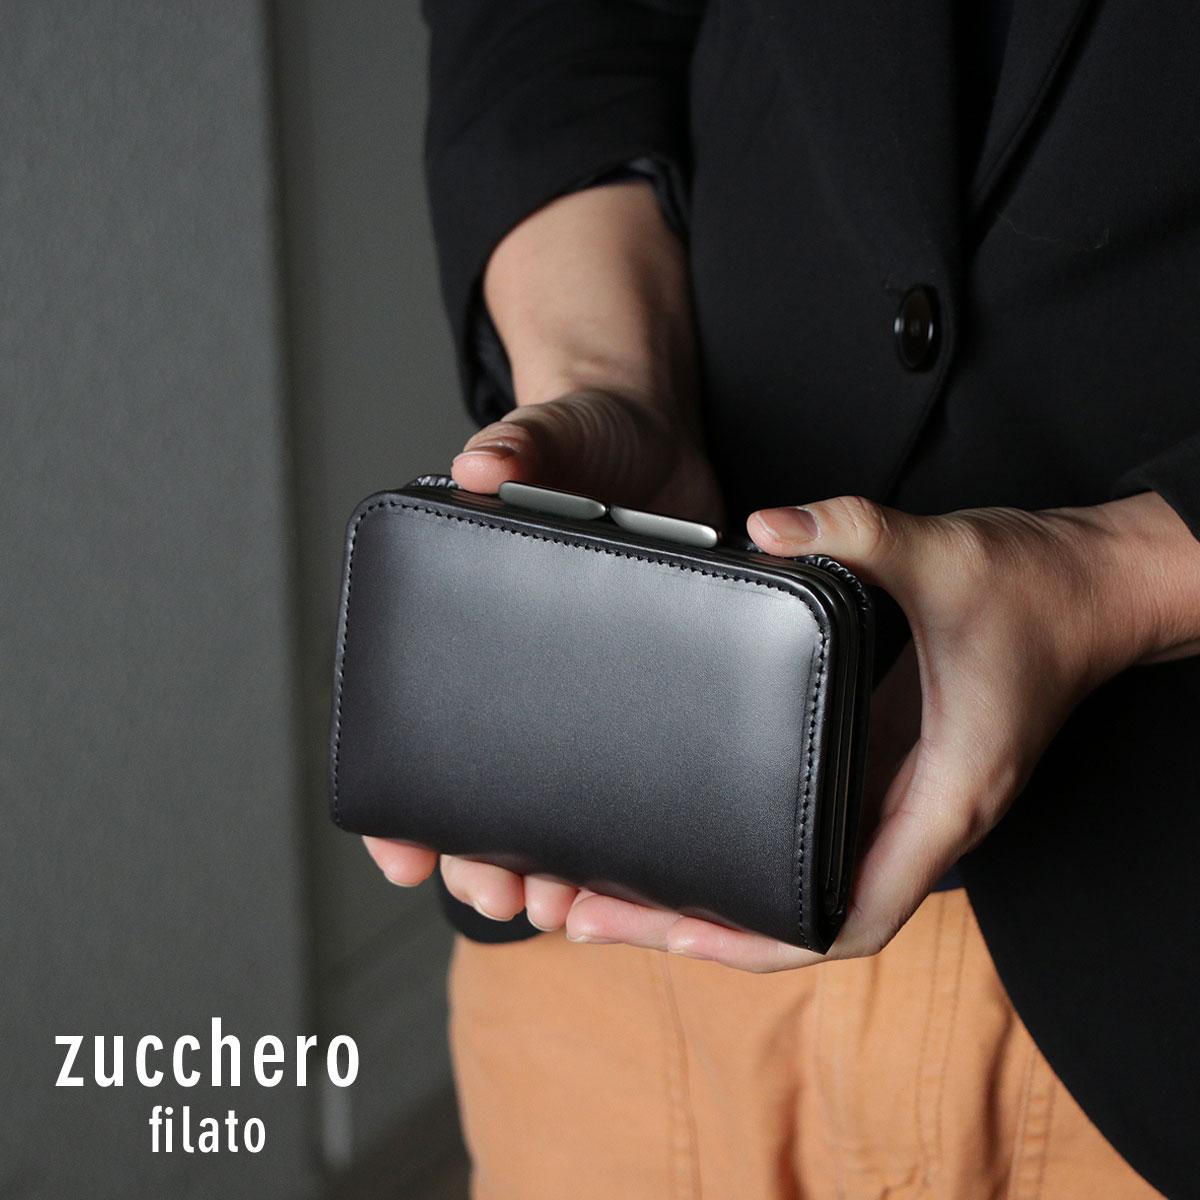 がま口財布 薄型 ミニ財布 極小財布 ミニウォレット スコッチガード加工 ステアレザー 牛革 本革 日本の革 Zucchero filato ズッケロフィラート